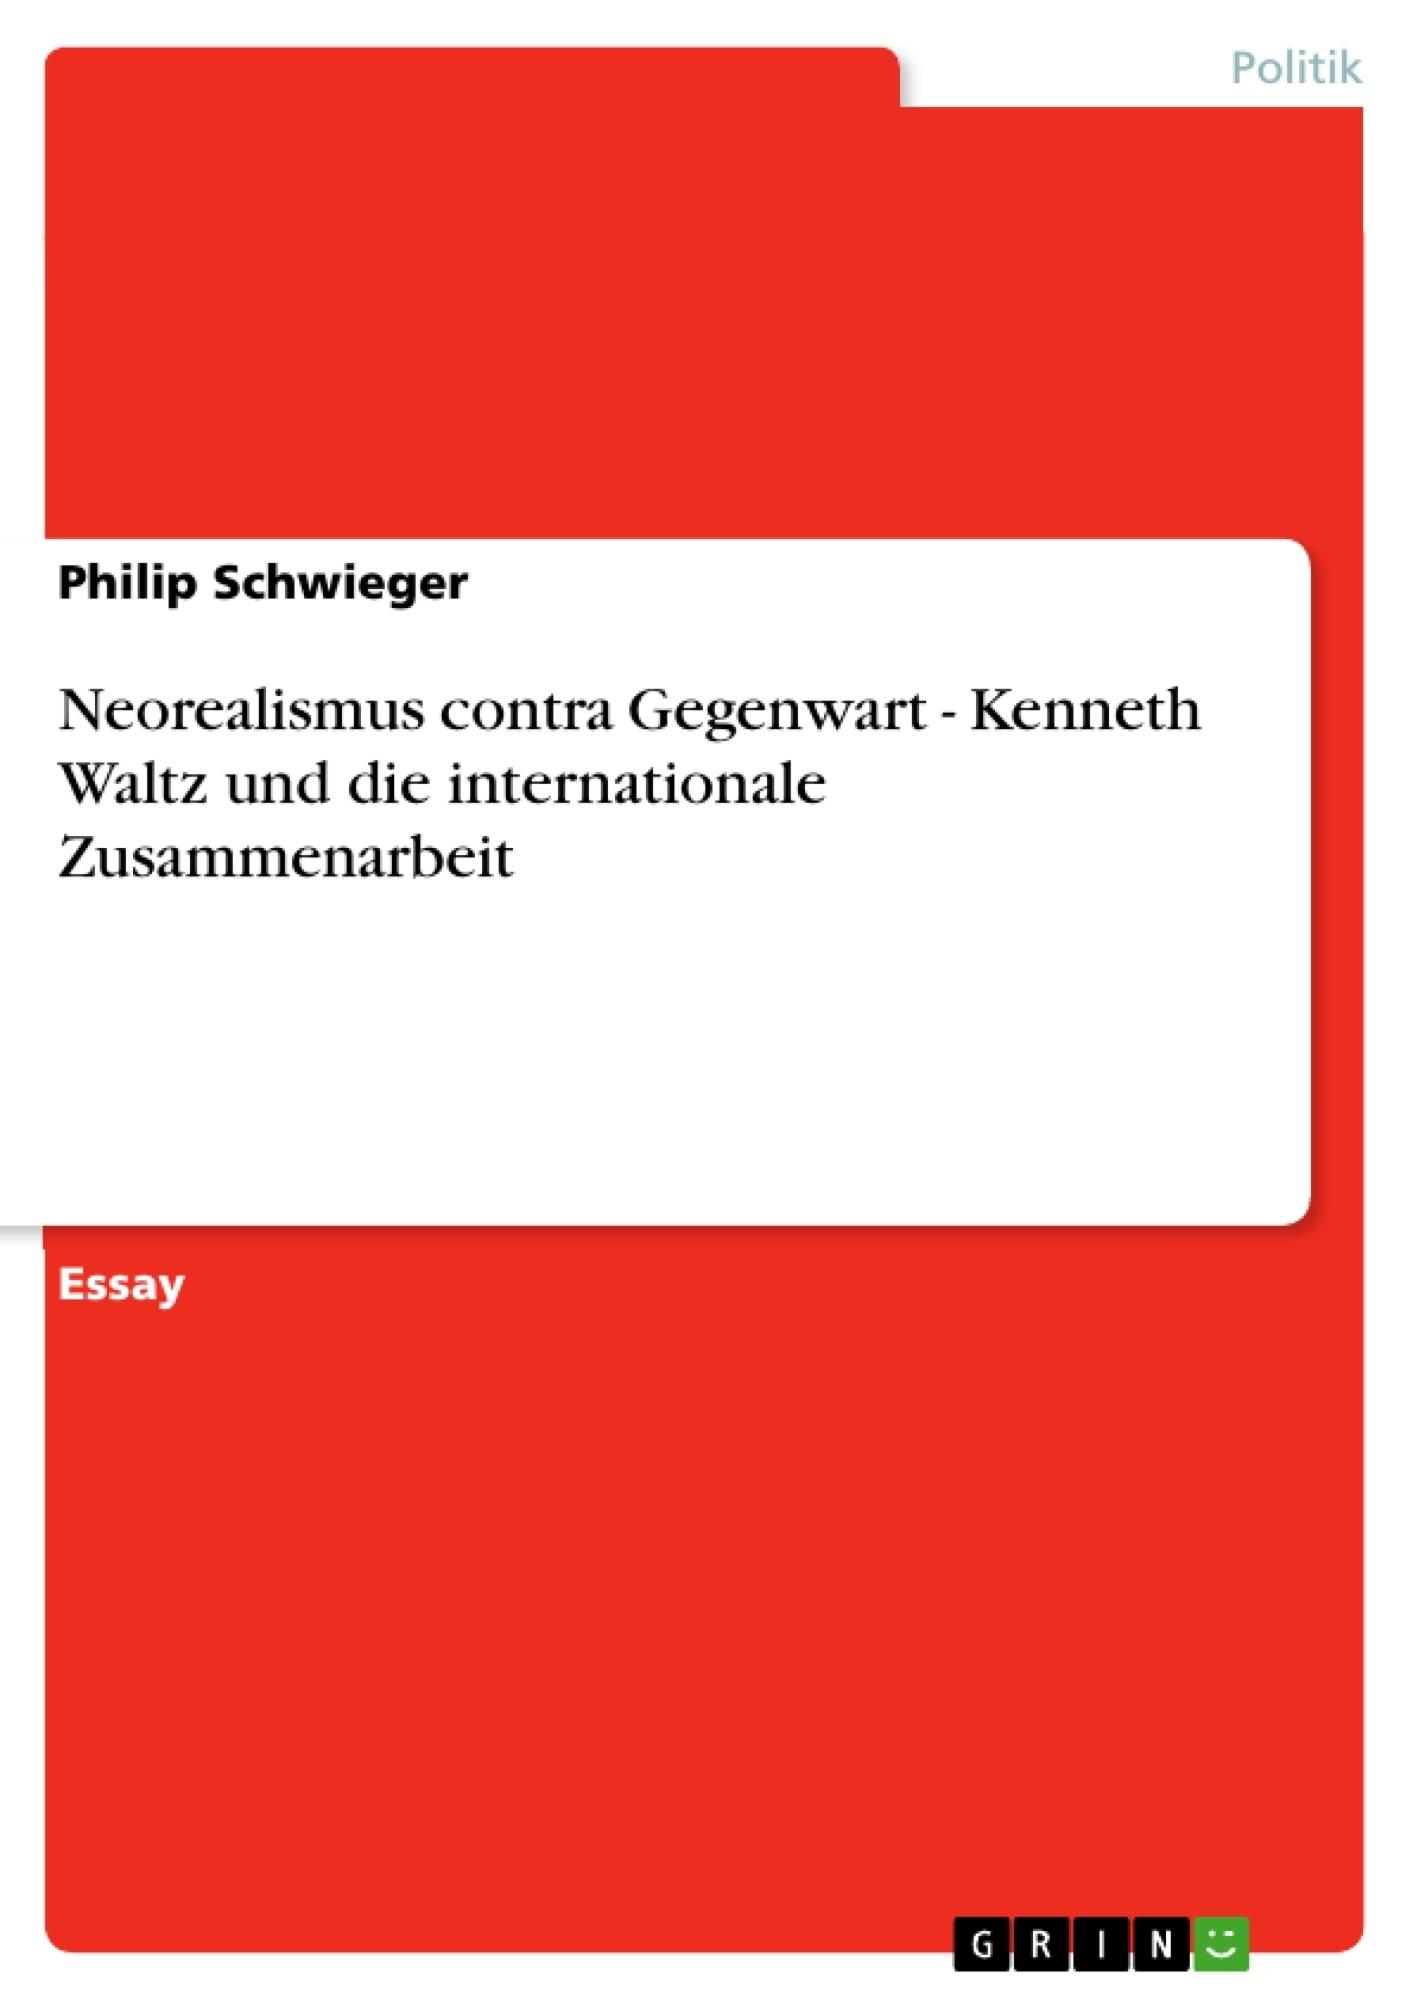 Titel: Neorealismus contra Gegenwart - Kenneth Waltz und die internationale Zusammenarbeit